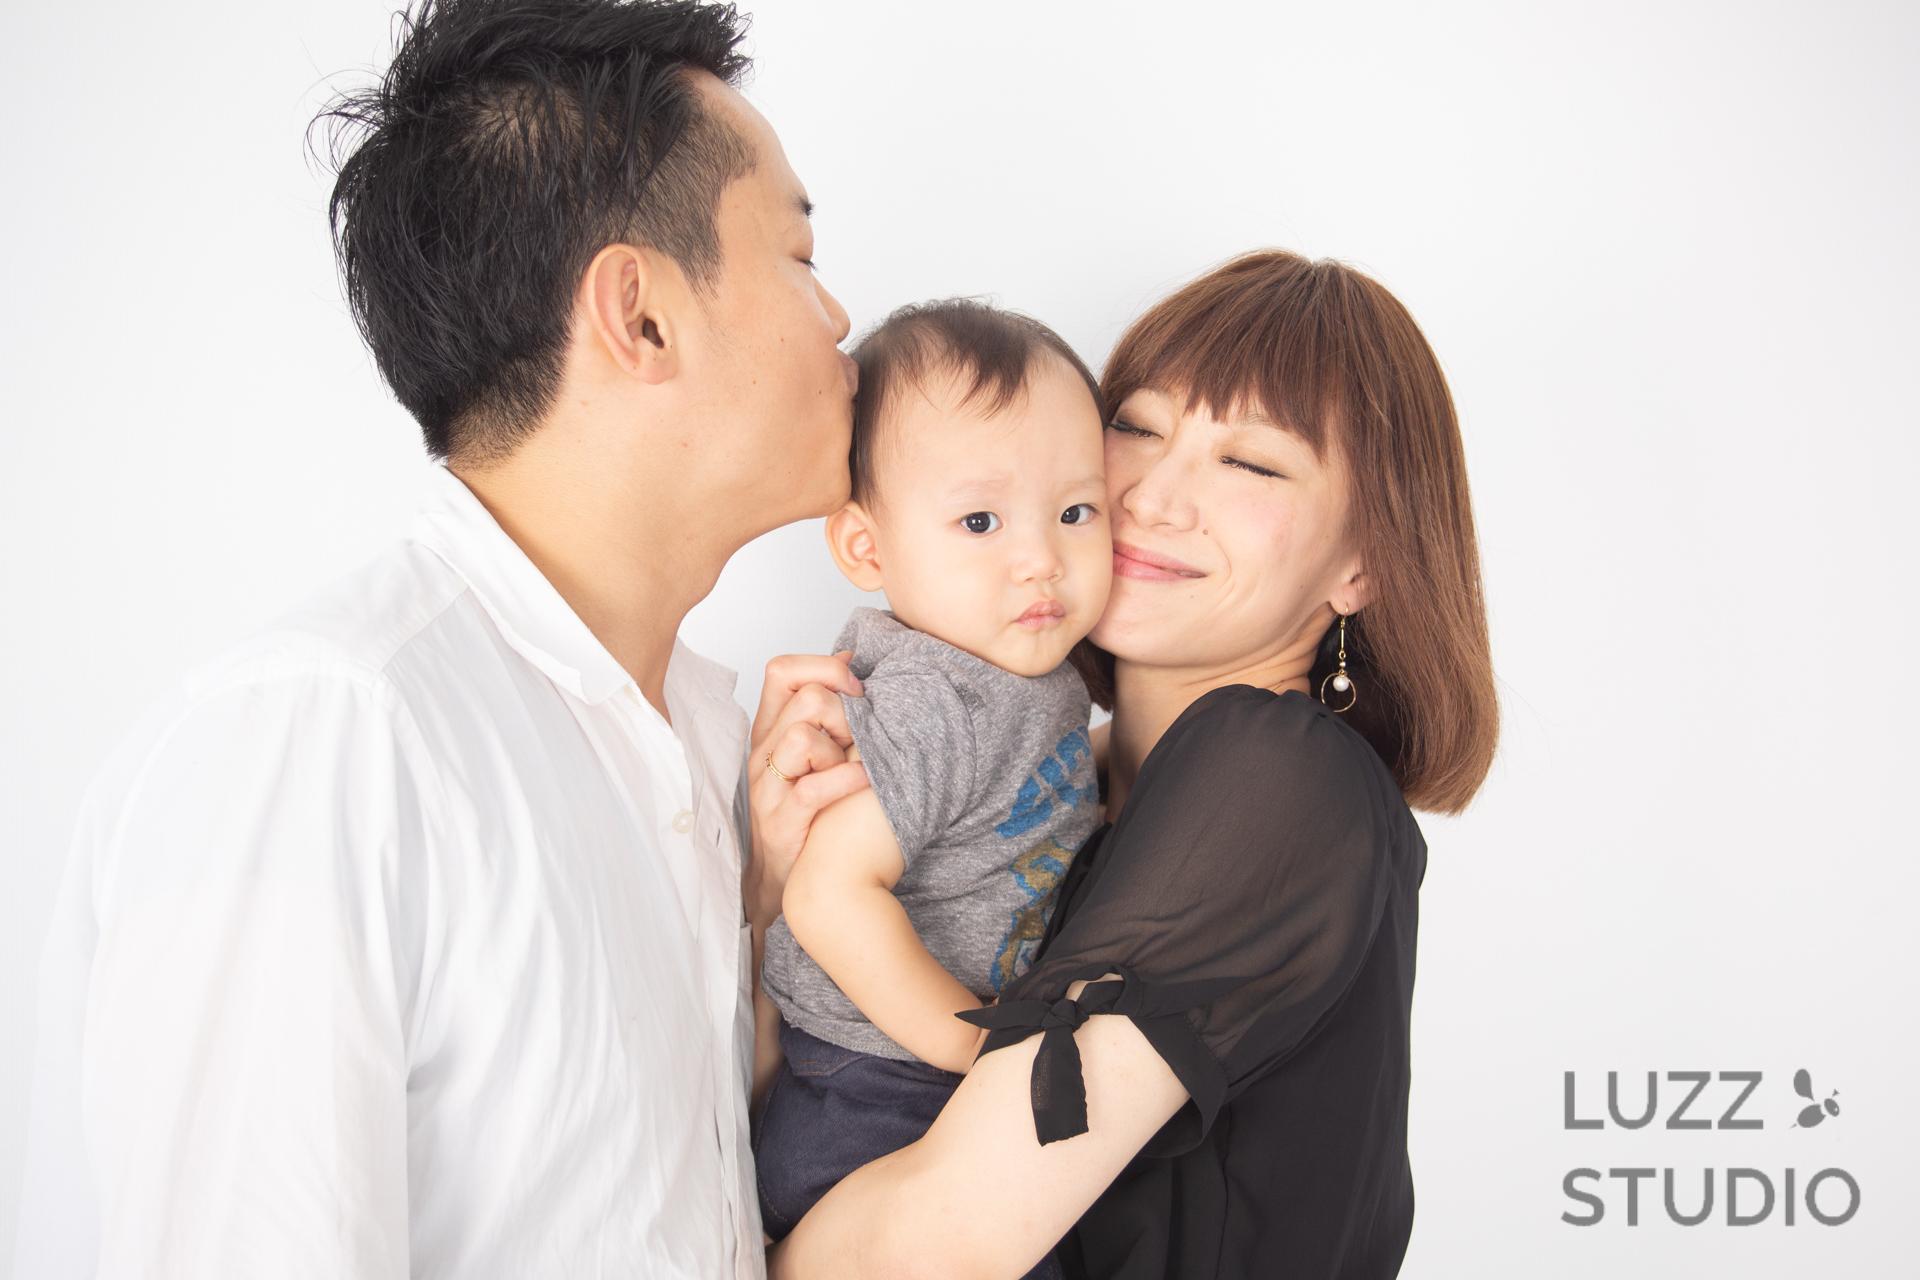 白ホリゾントで撮影した3人家族の写真11